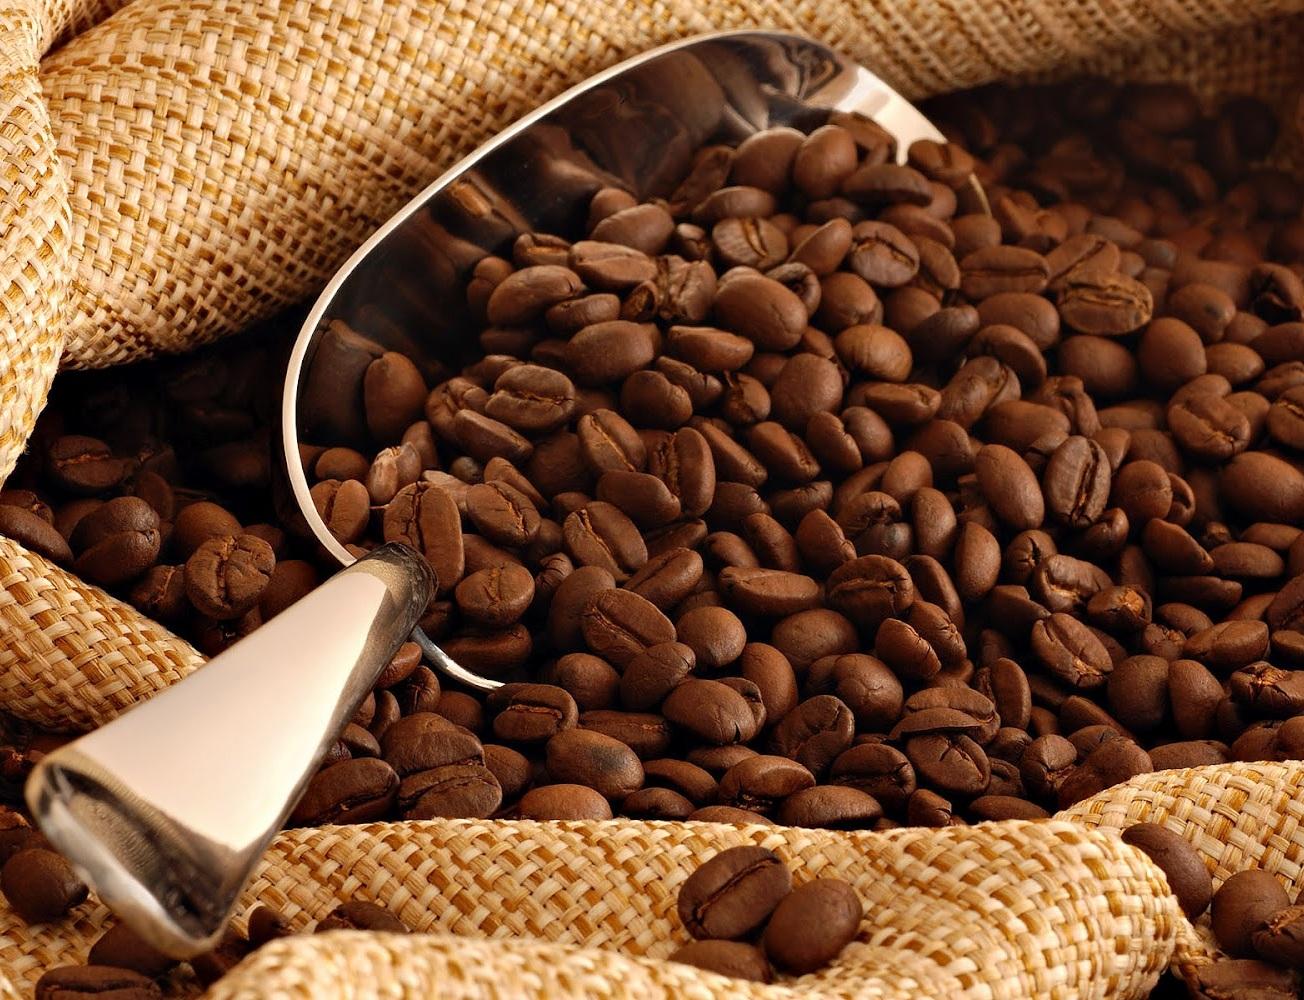 Giá café hạt dòng Arabica có giá khá cao.